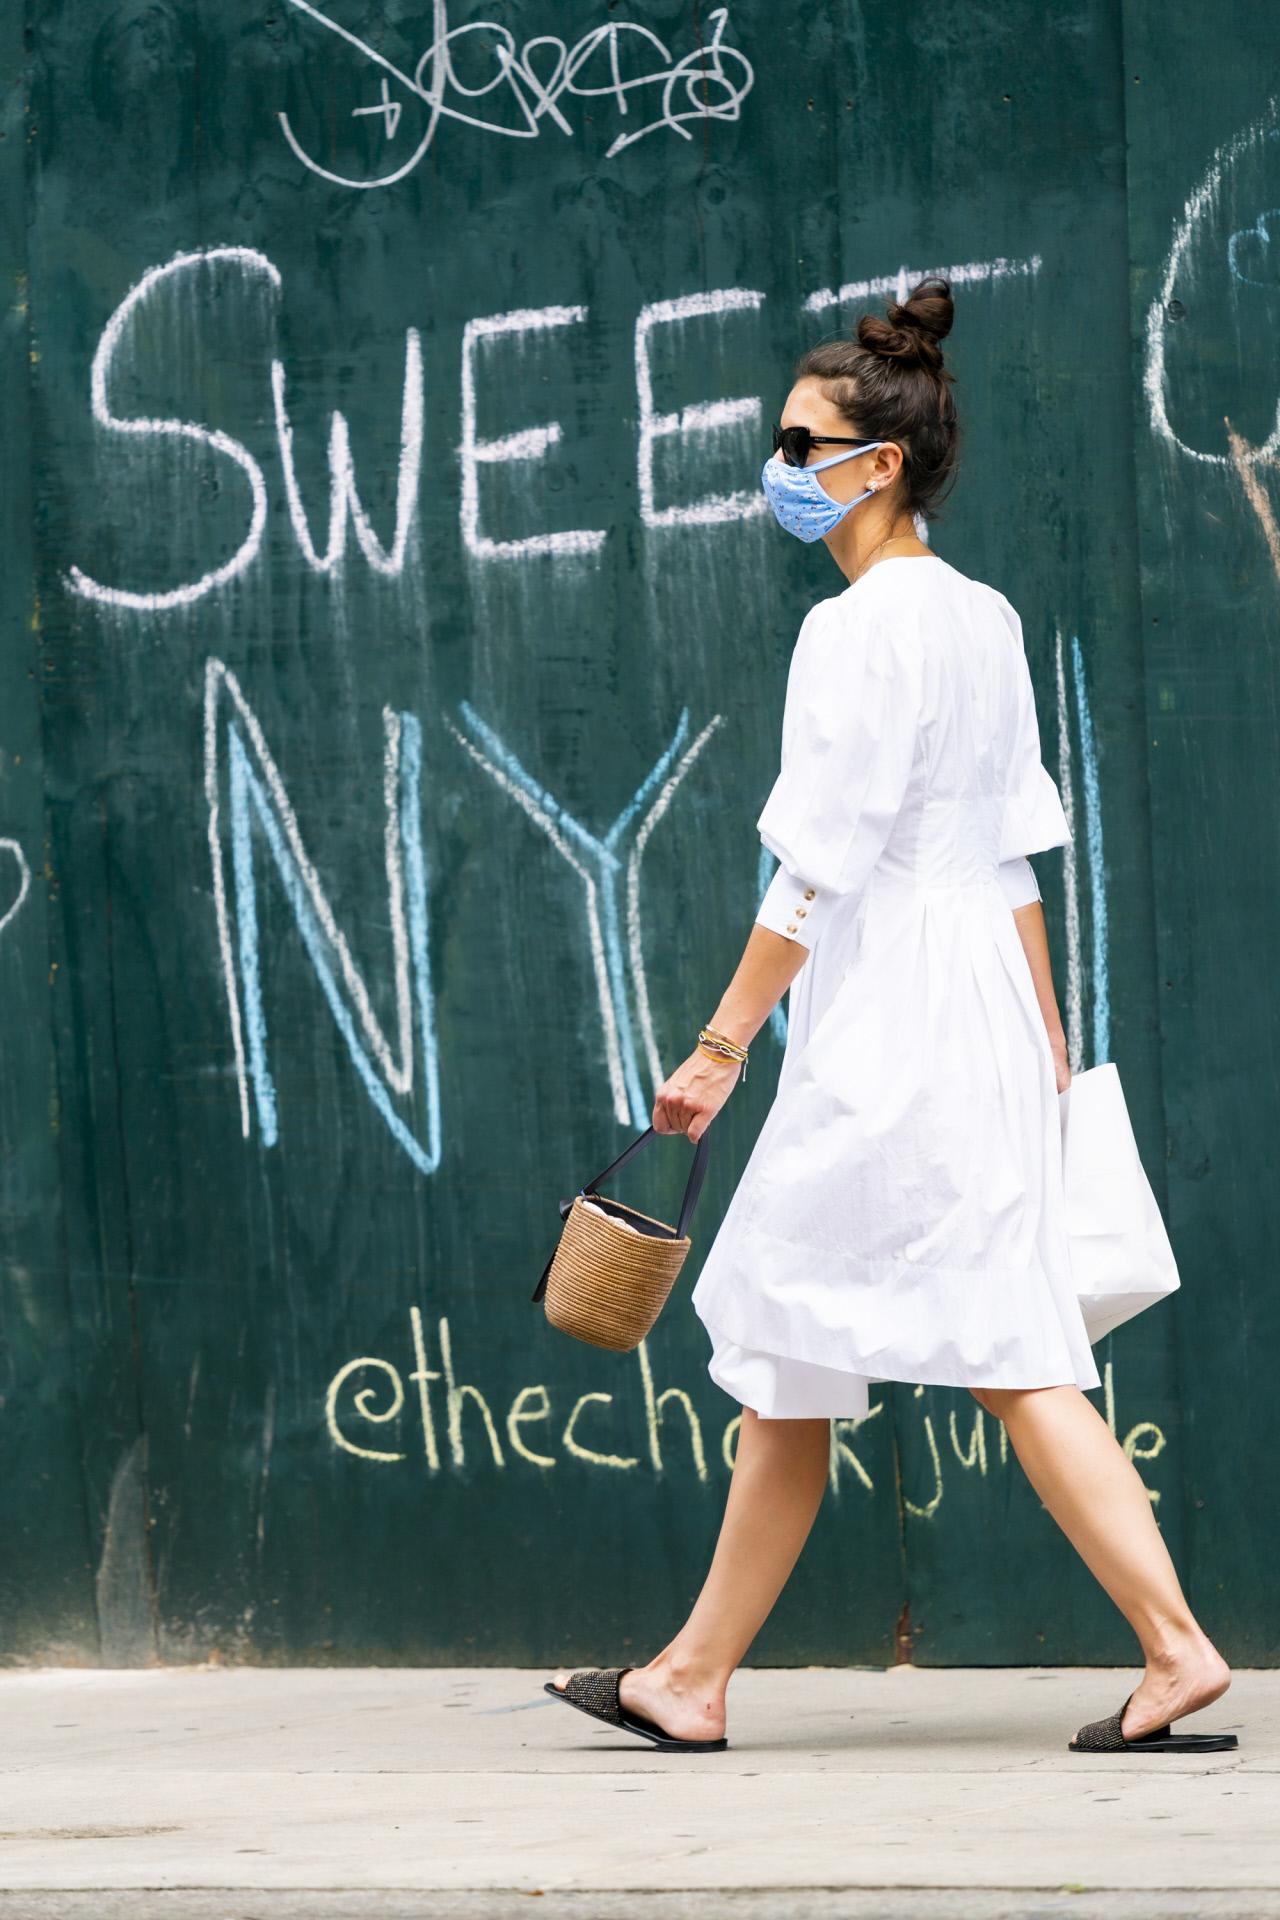 Look completo del vestido blanco de Katie Holmes y cómo lo ha combinado